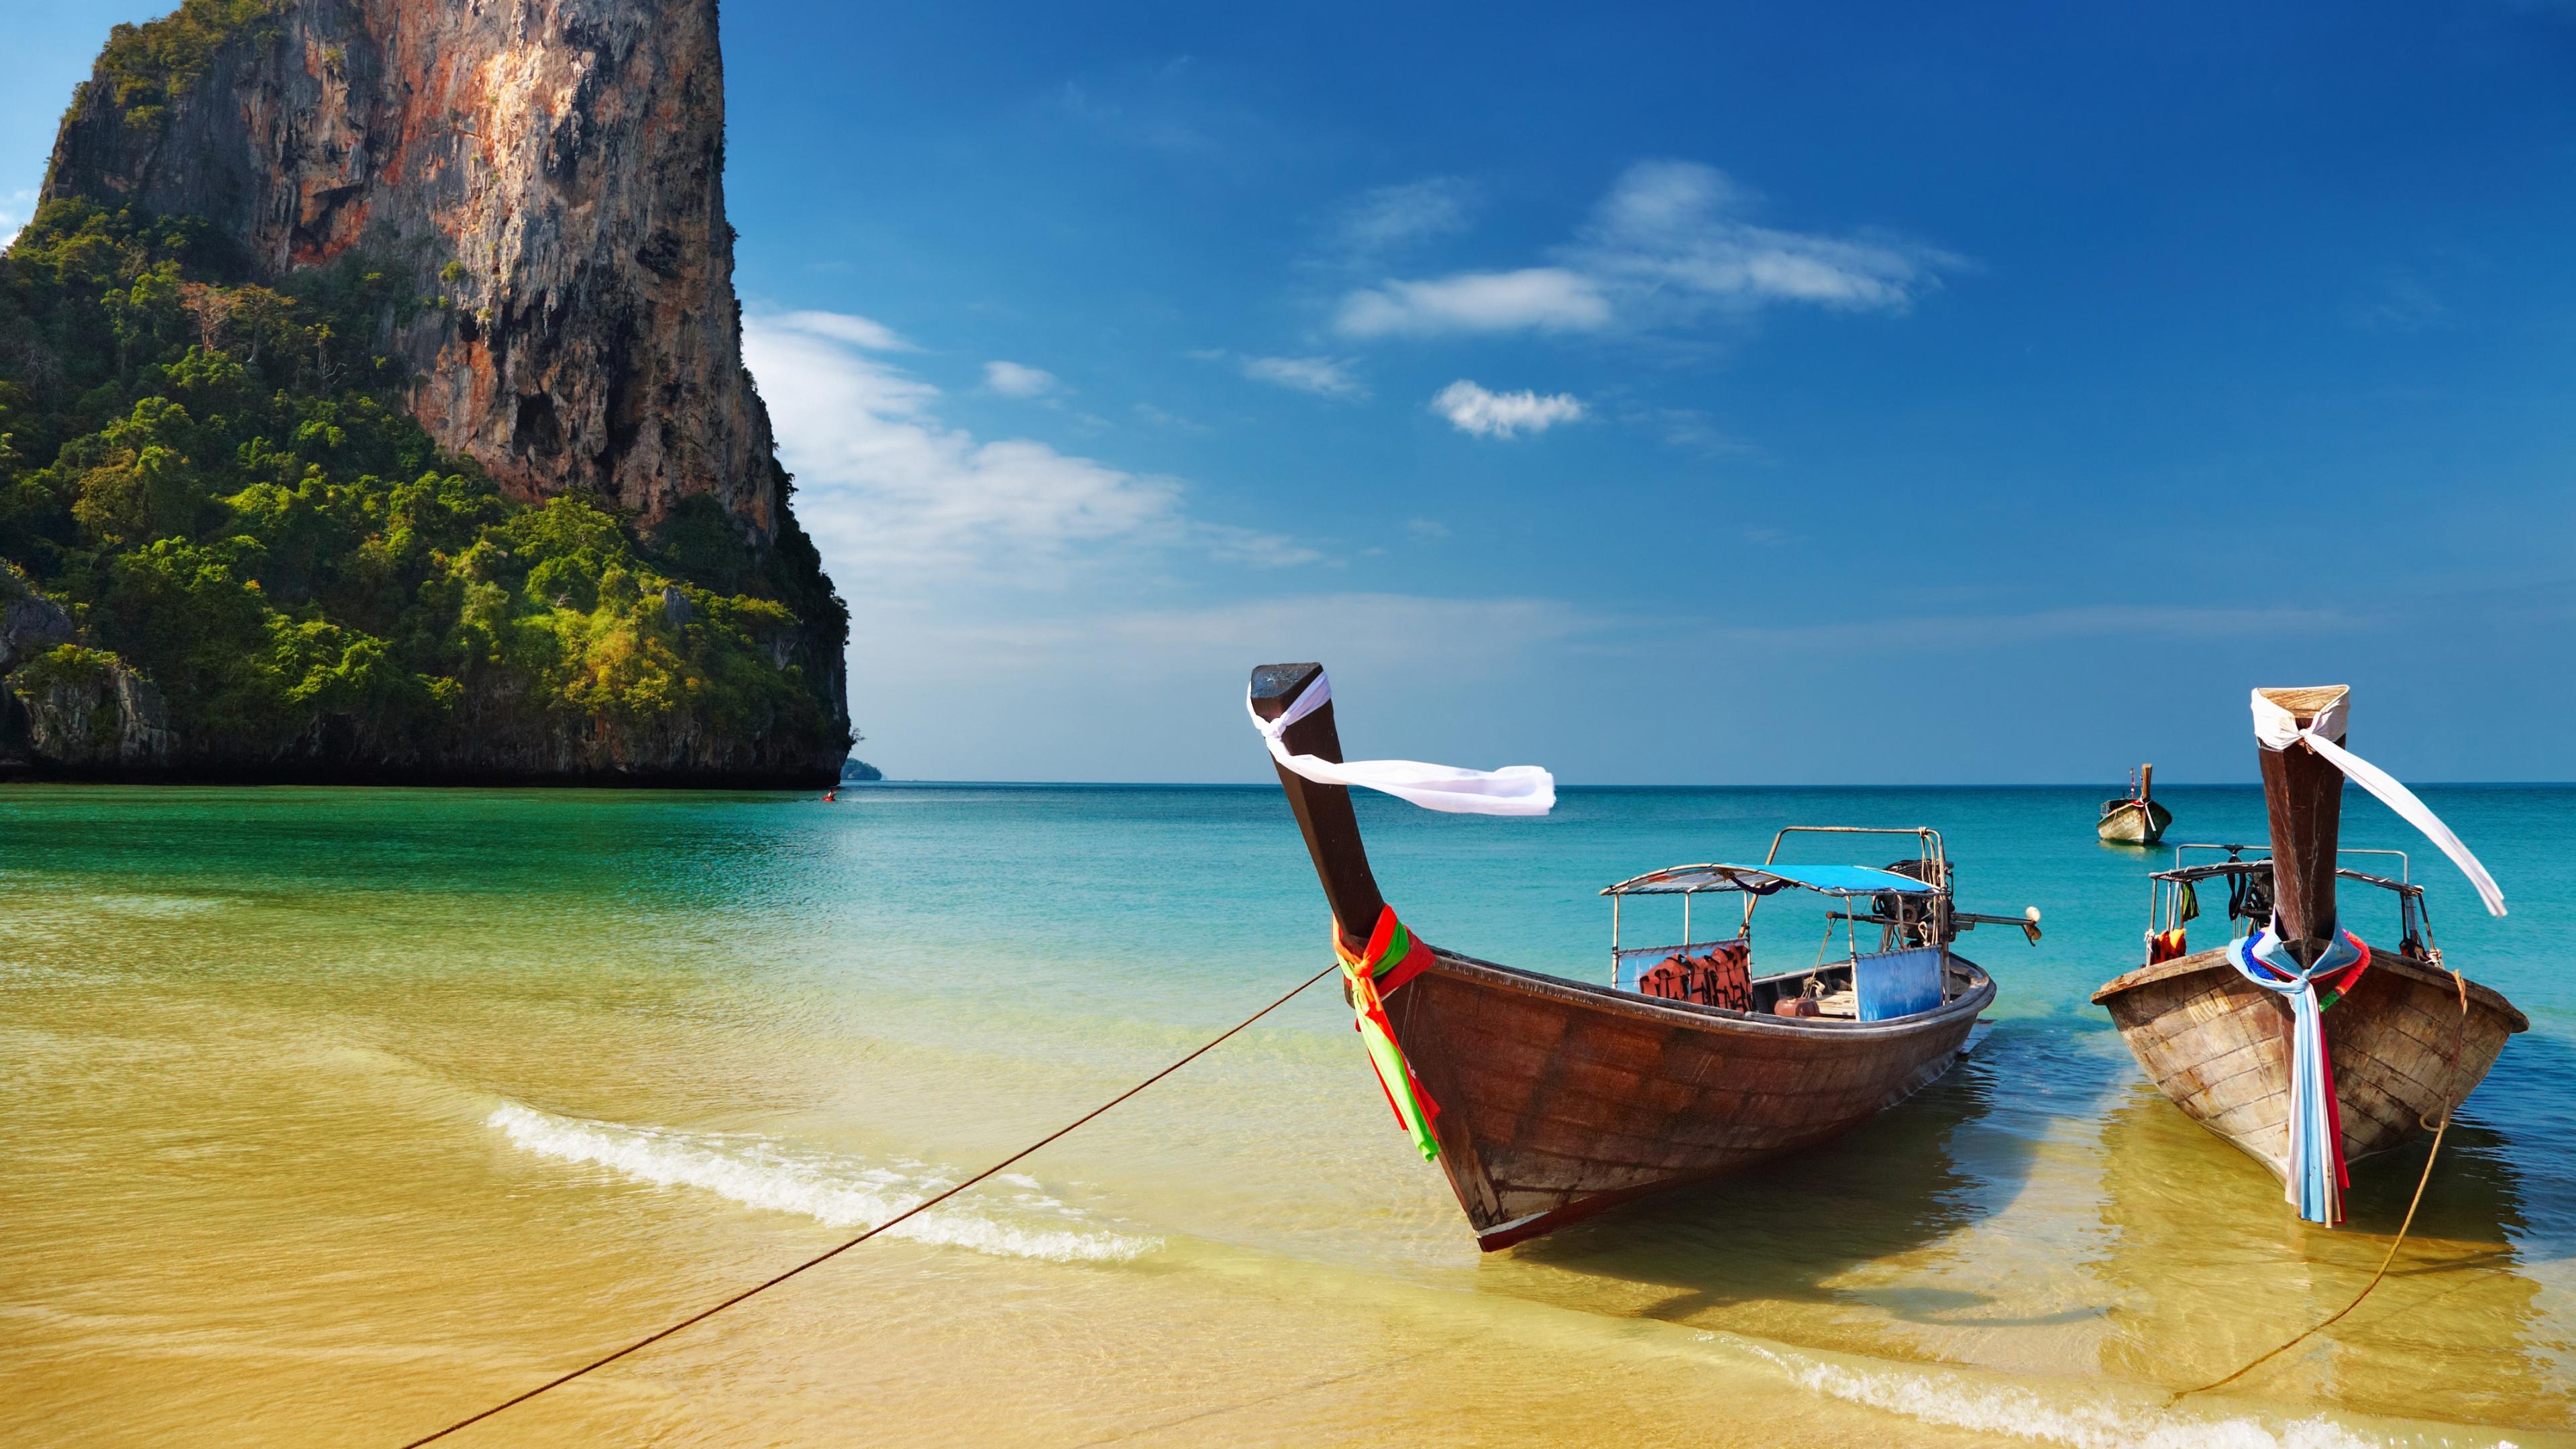 Tropical beach Thailand Ultra HD wallpaper UHD WallpapersNet 3840x2160